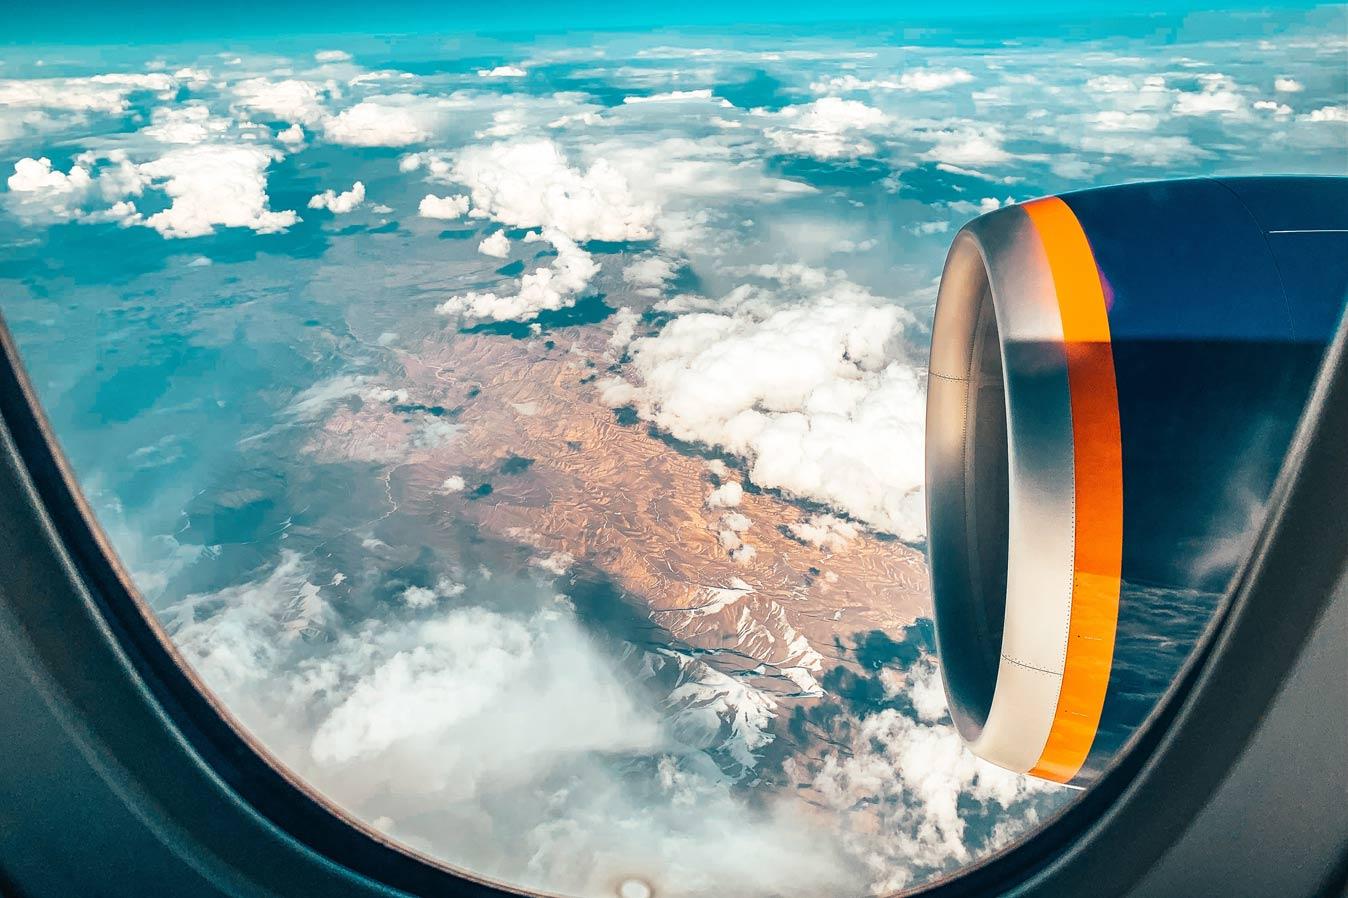 В Швеции авиакомпании будут сообщать пассажирам о своей (не)экологичности